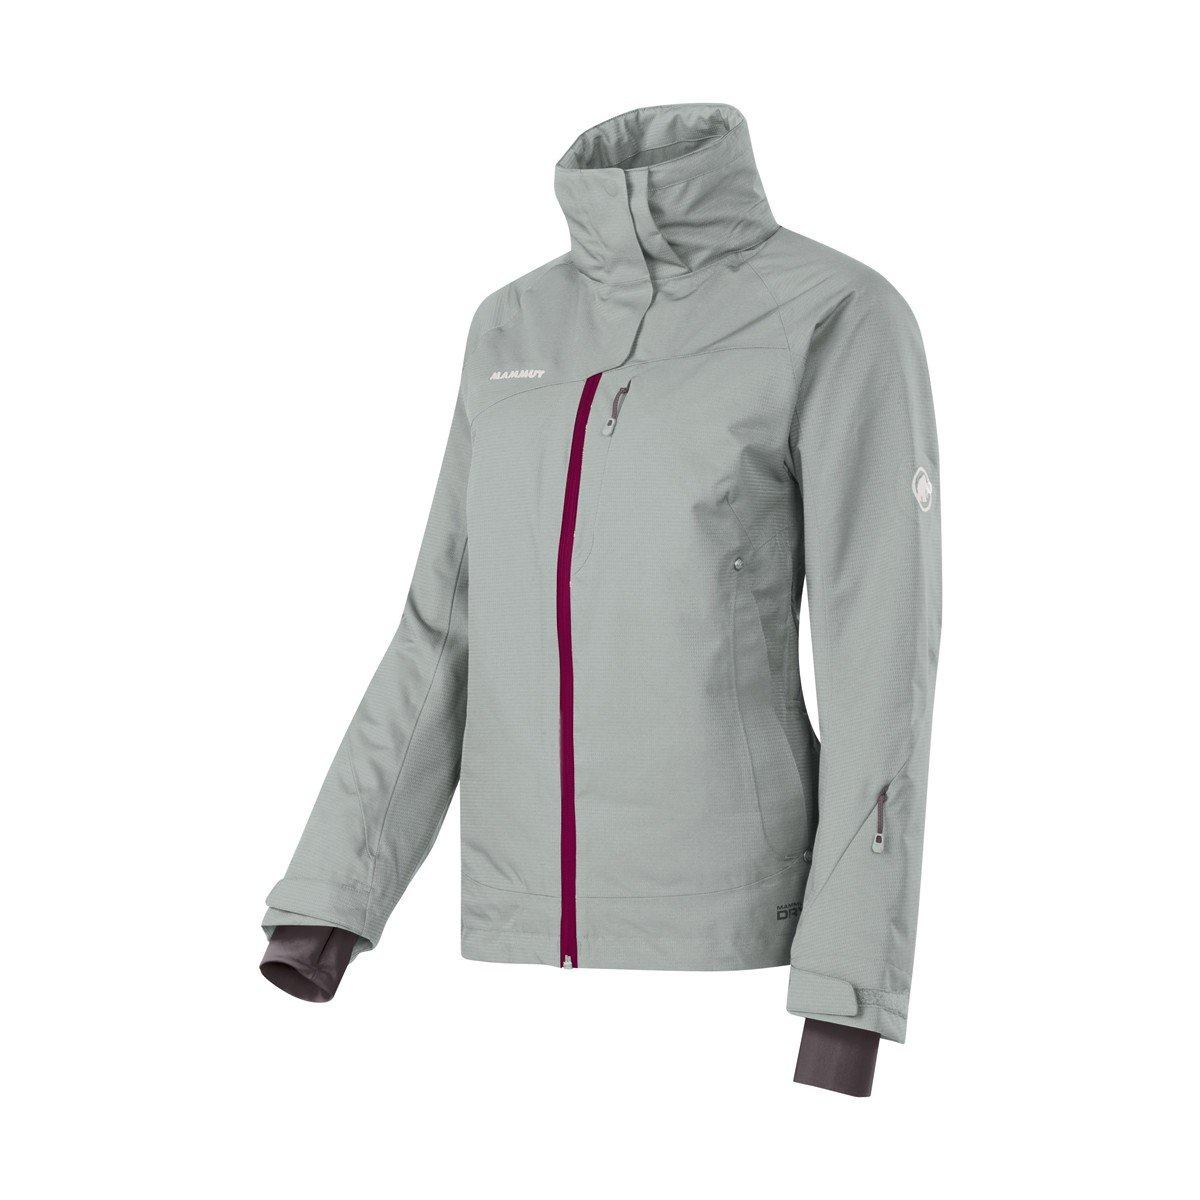 Mammut Robella Jacket Women - Wintersportjacke